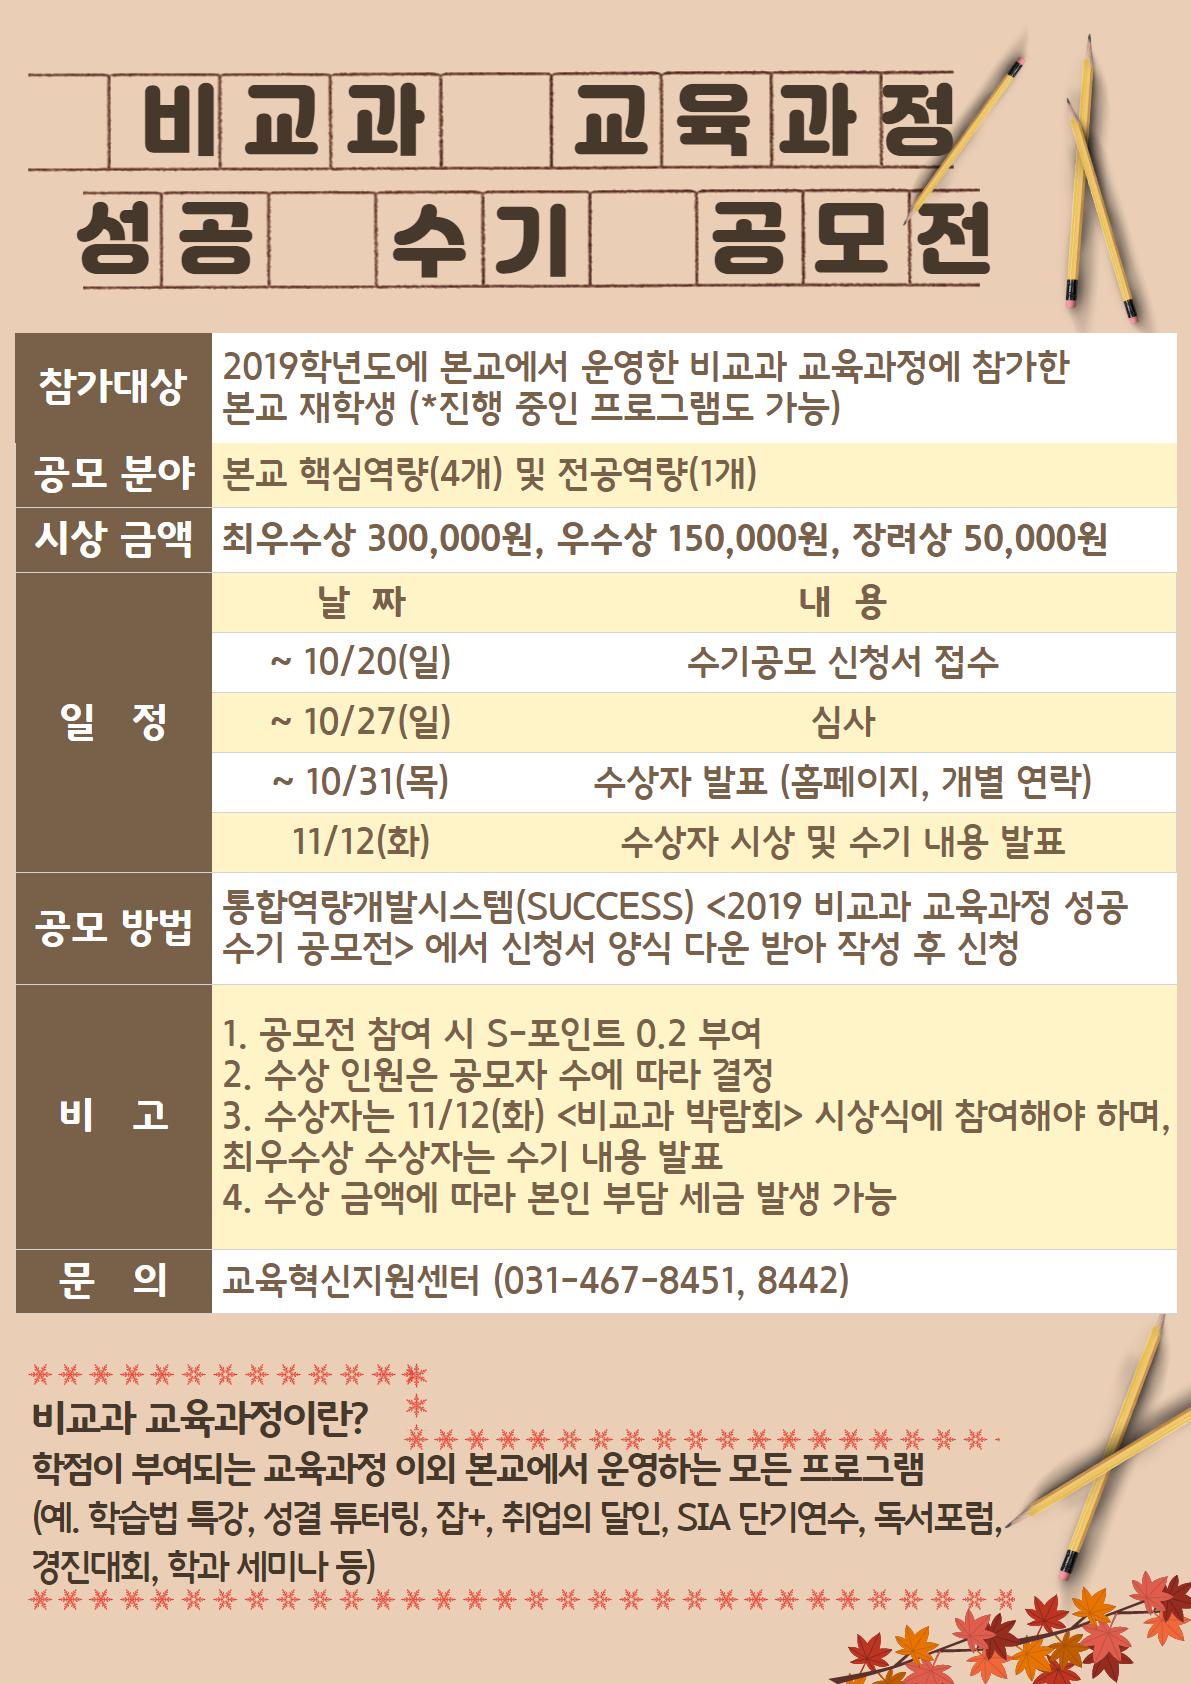 2019 비교과 교육과정 성공 수기 공모 안내